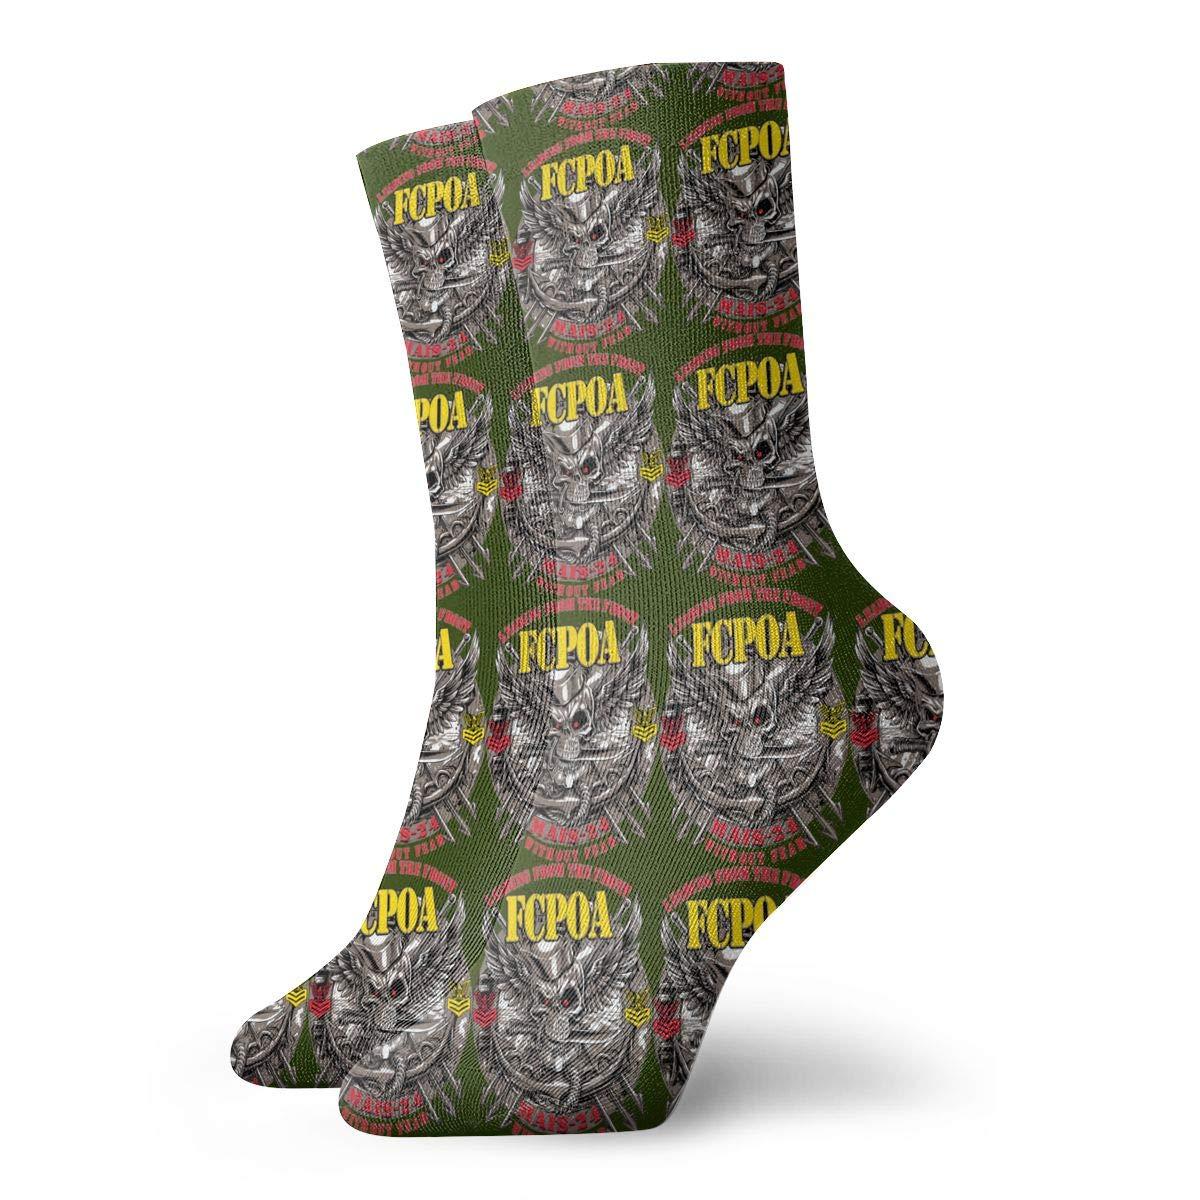 MAL 24 FCPOA 3D Socks Unisex Novelty Crew Sock Low Socks Athletic Socks